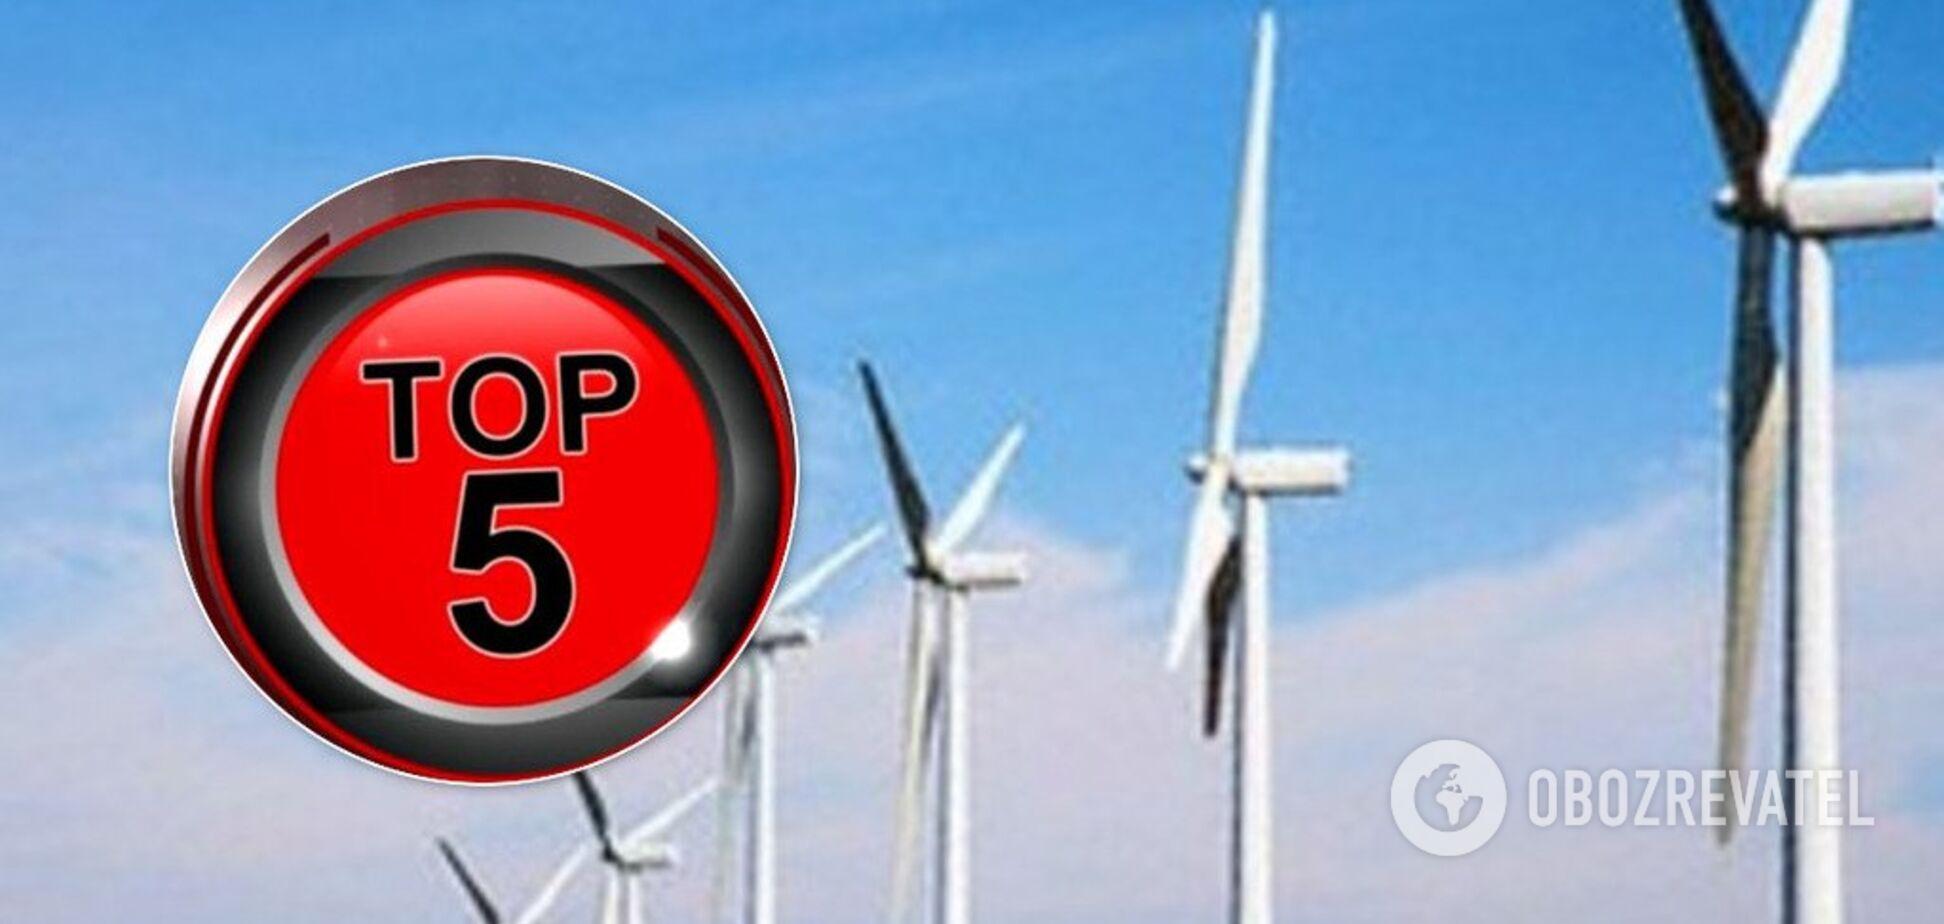 Україна увійшла в ТОП-5 країн Європи за кількістю вітроелектростанцій